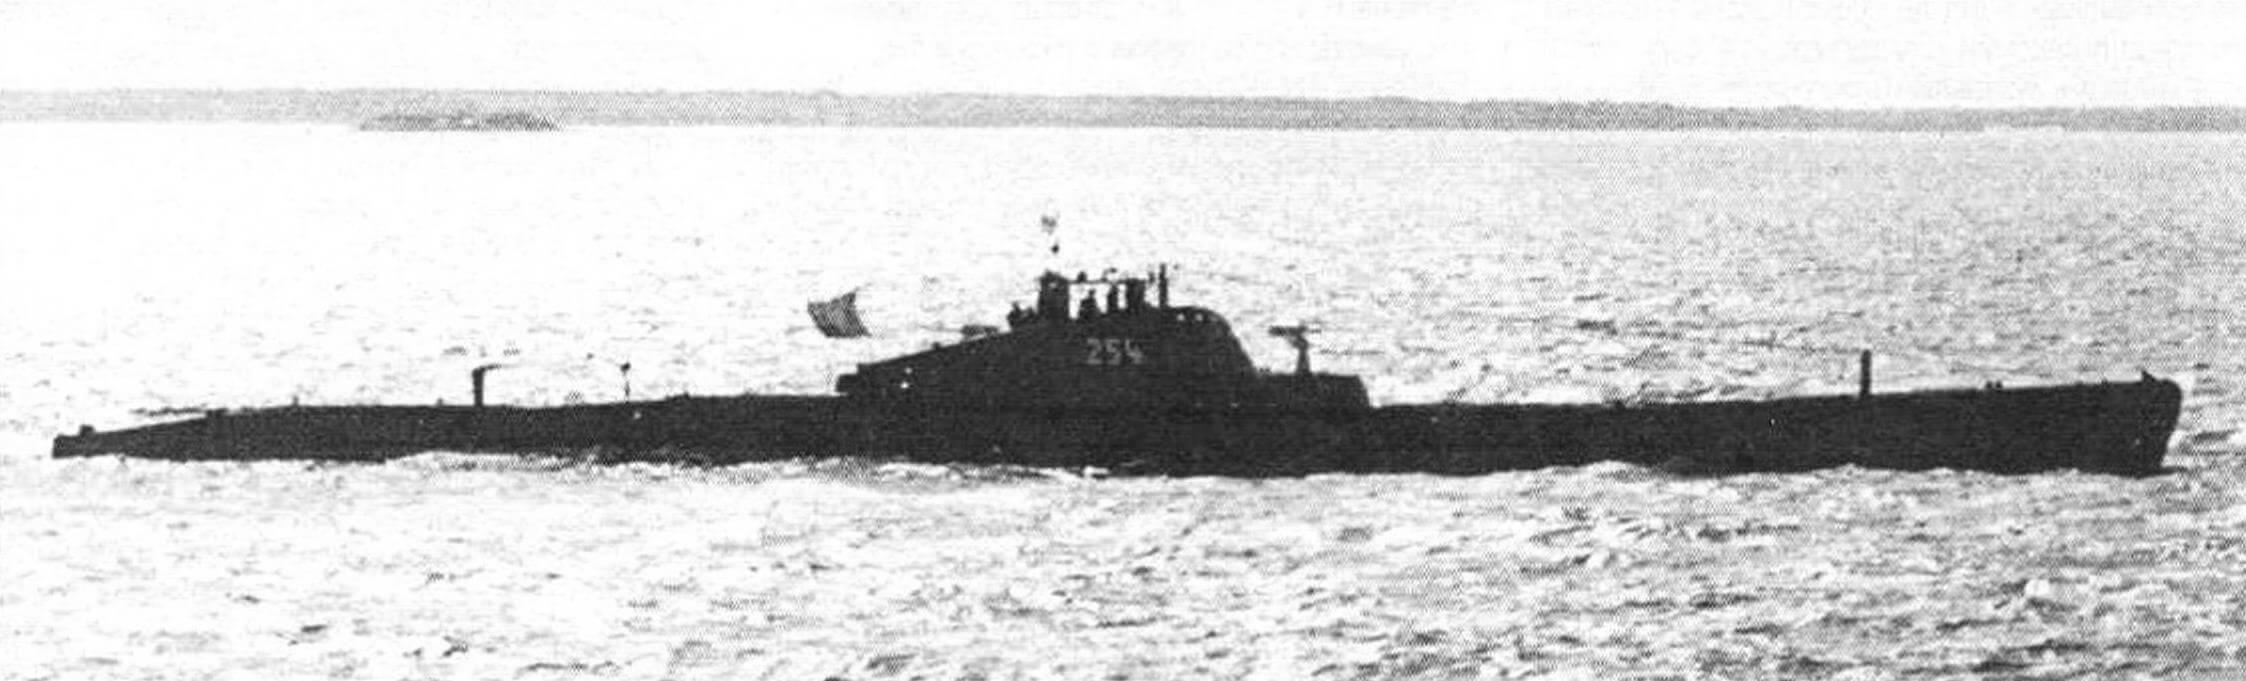 Подводная лодка Щ-314 (будущая Щ-402) под заводским номером 254 на ходовых испытаниях (весна-осень 1936 года)